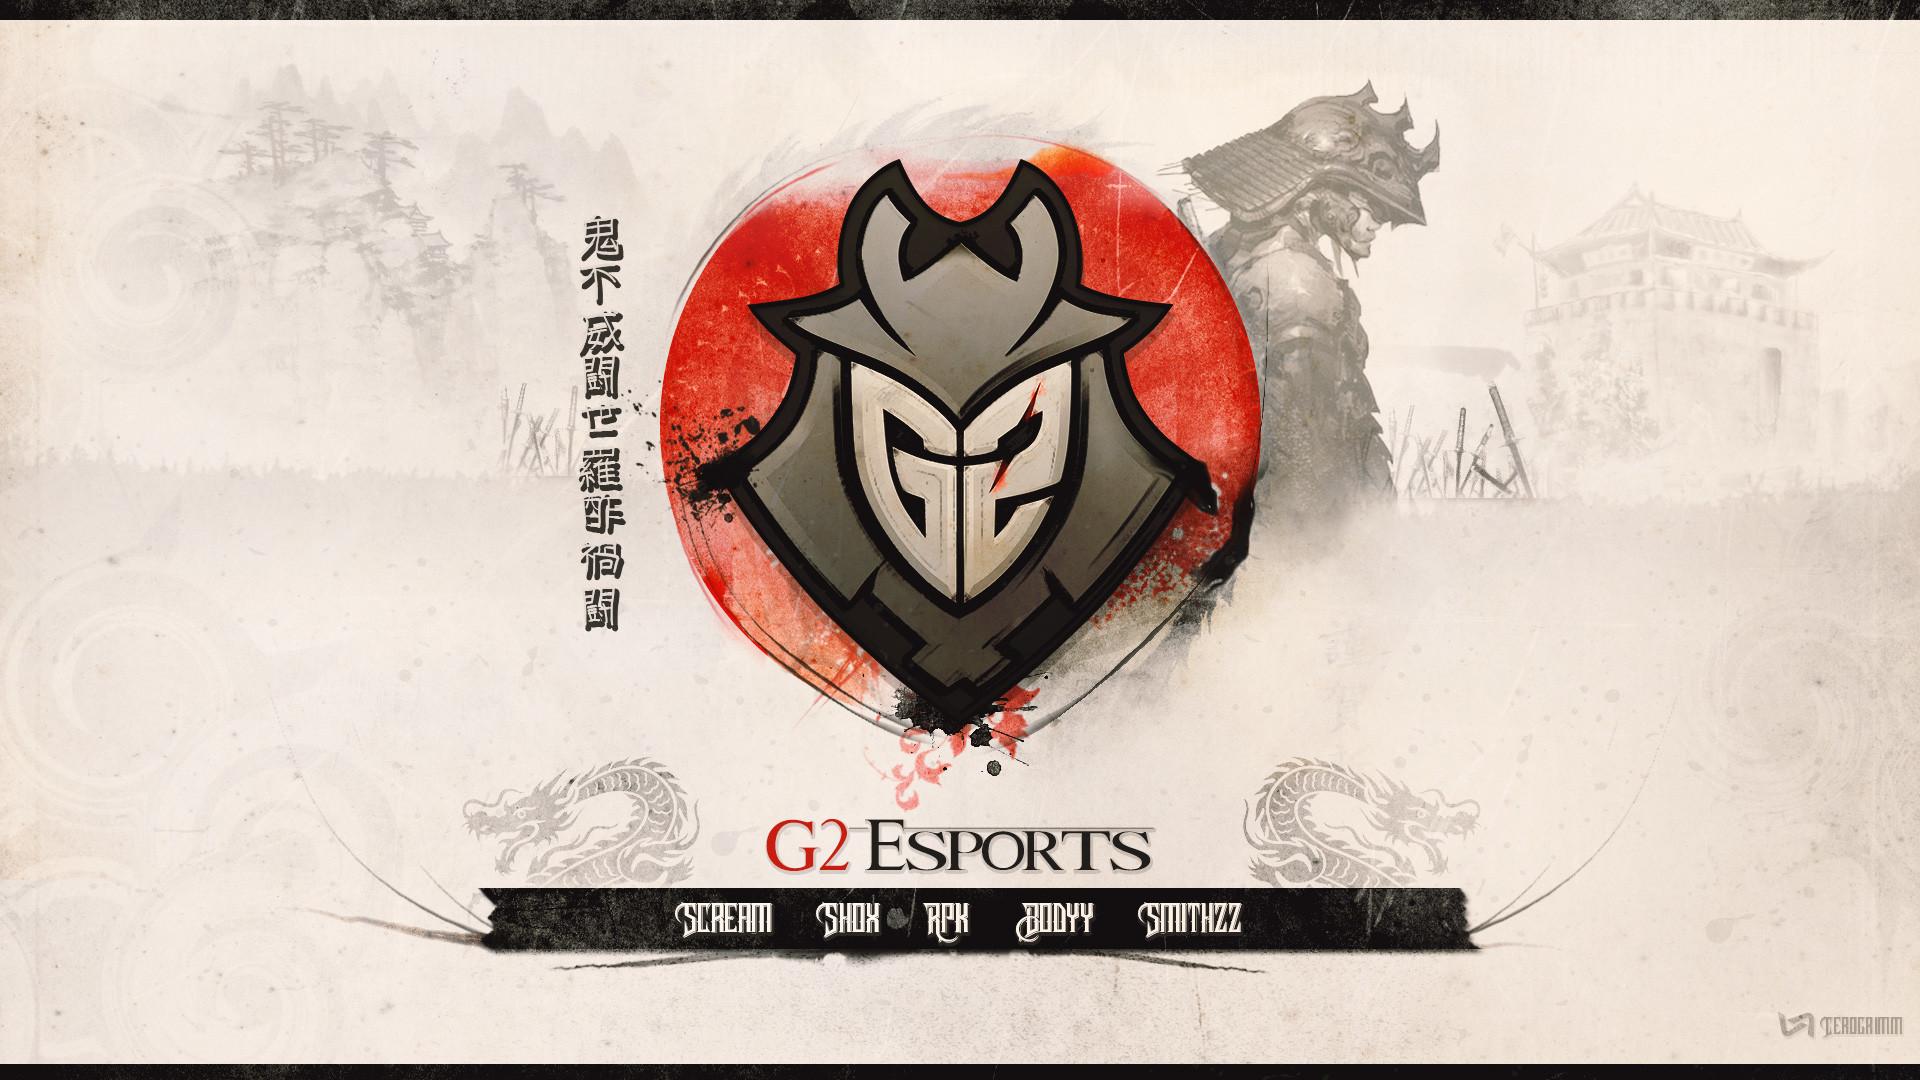 G2 CS:GO wallpaper by Cerogrimm